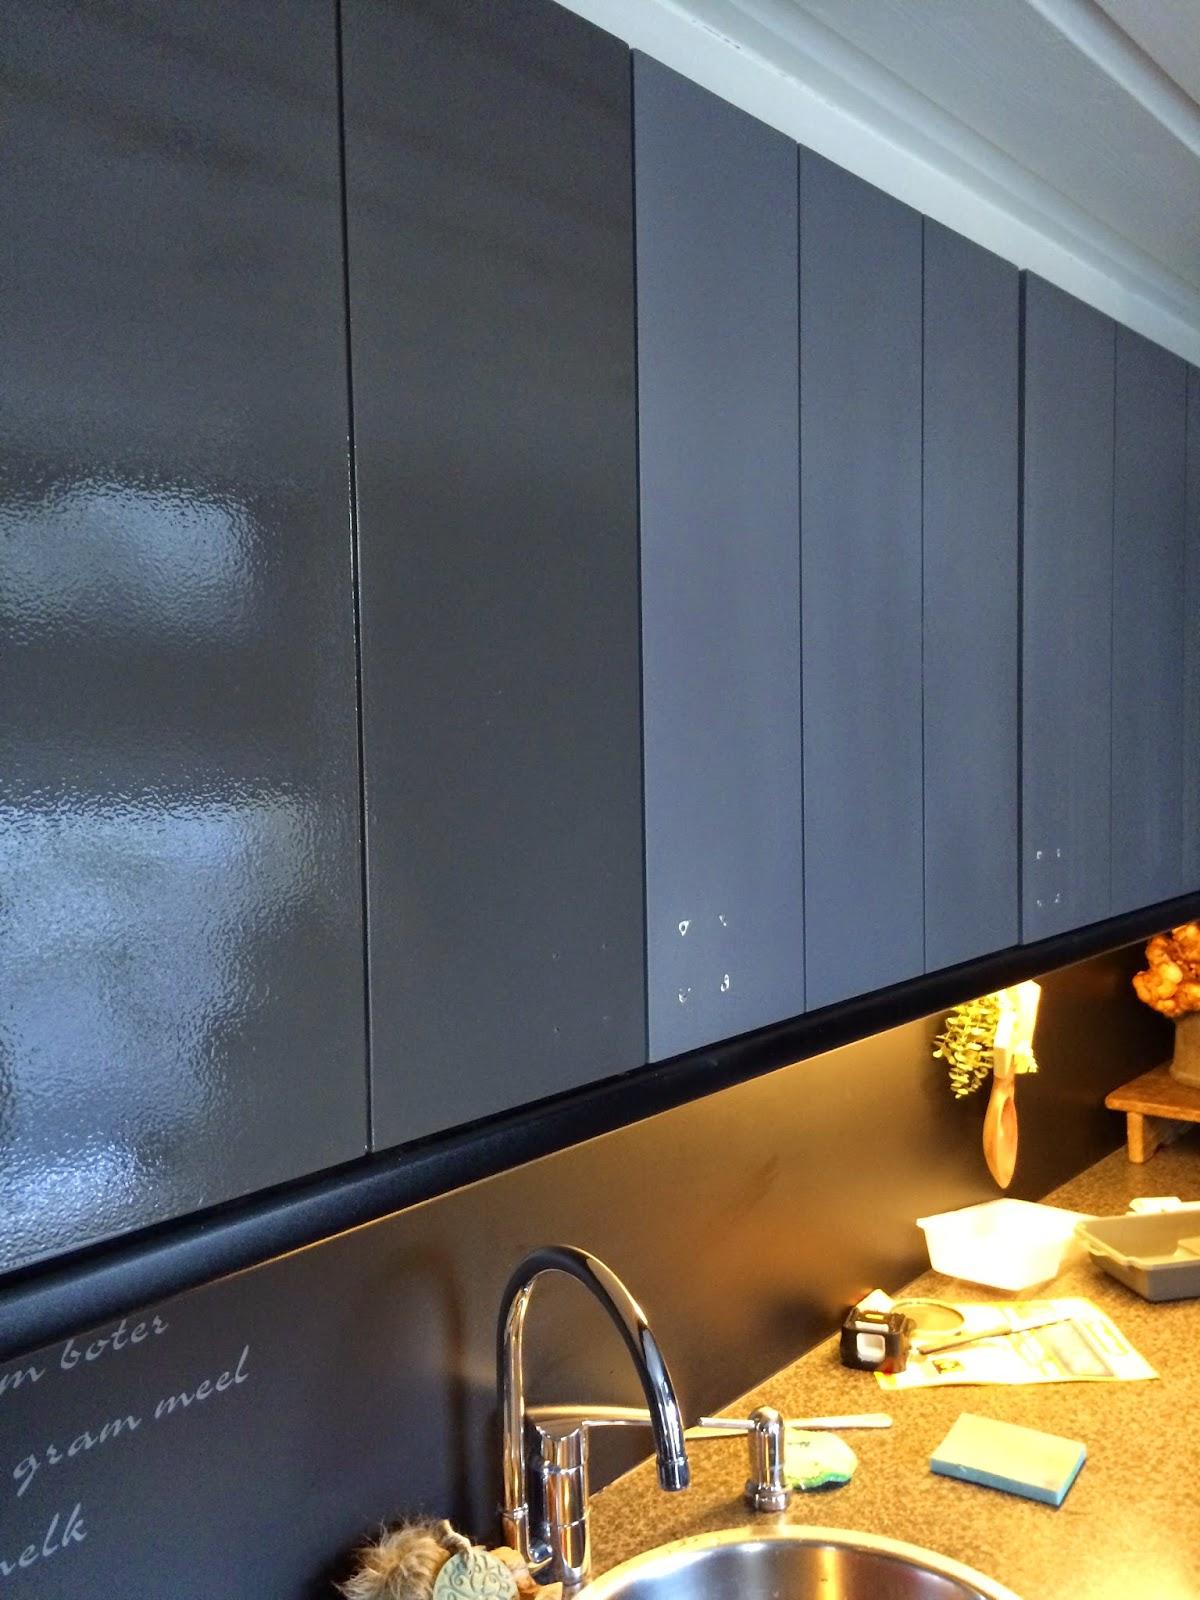 Spijshuisje: Keuken.